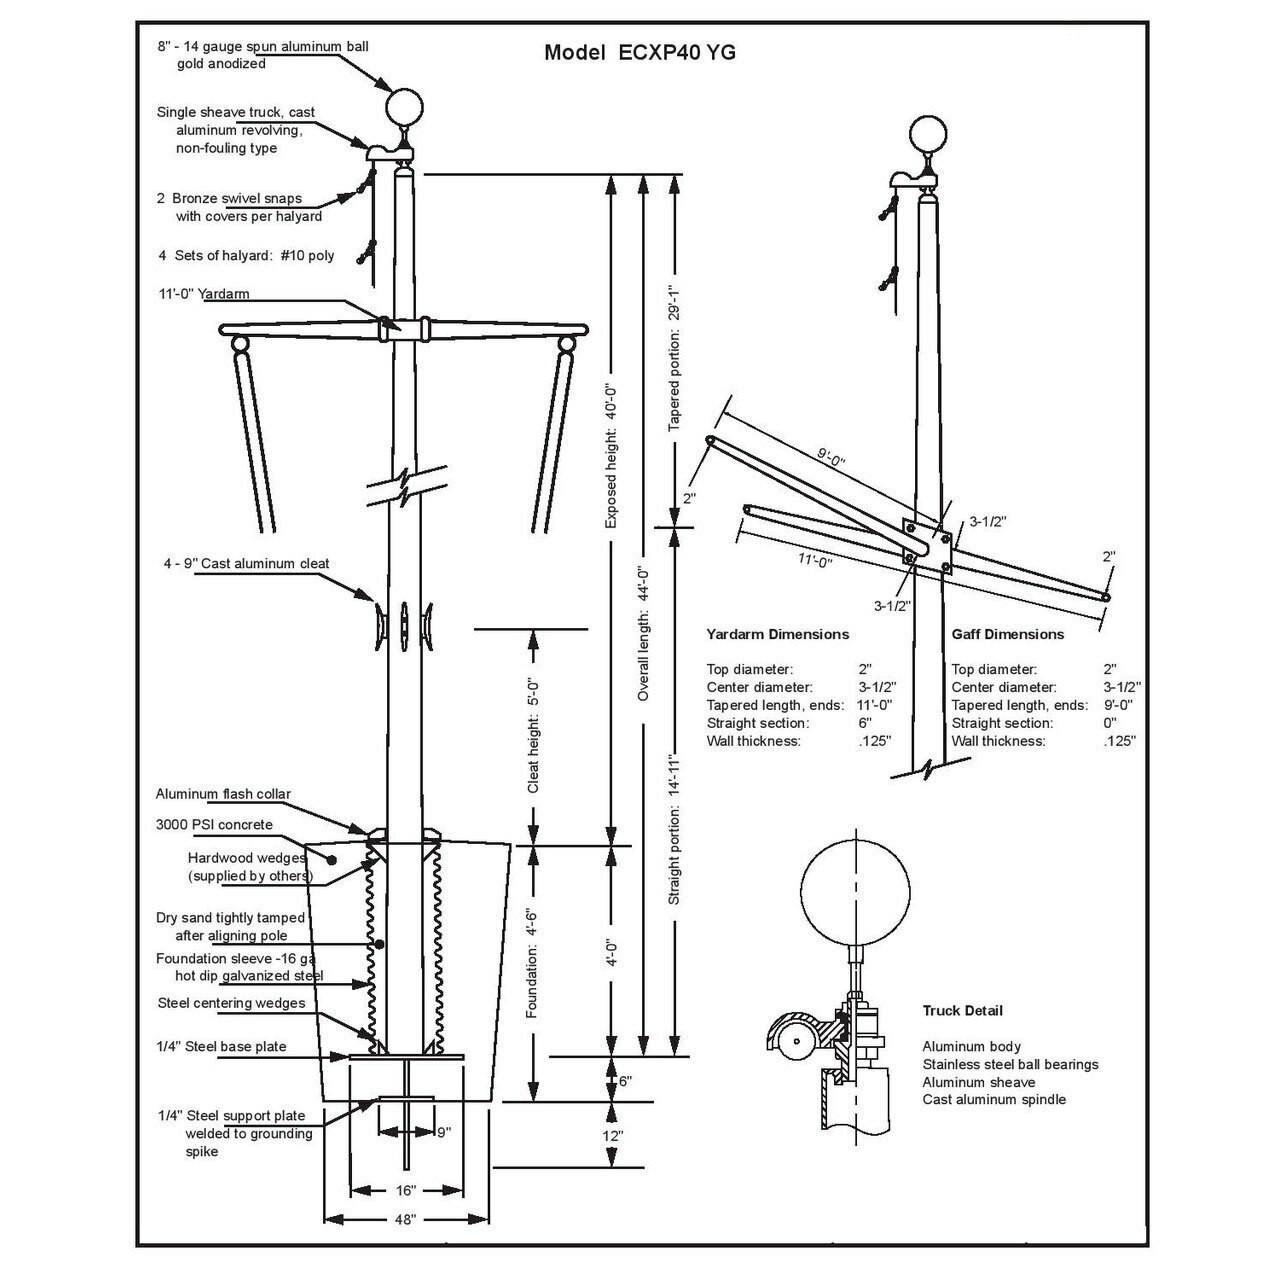 40' Nautical Flagpole w/ Yardarm, Gaff & Collar (ECXP40YG)